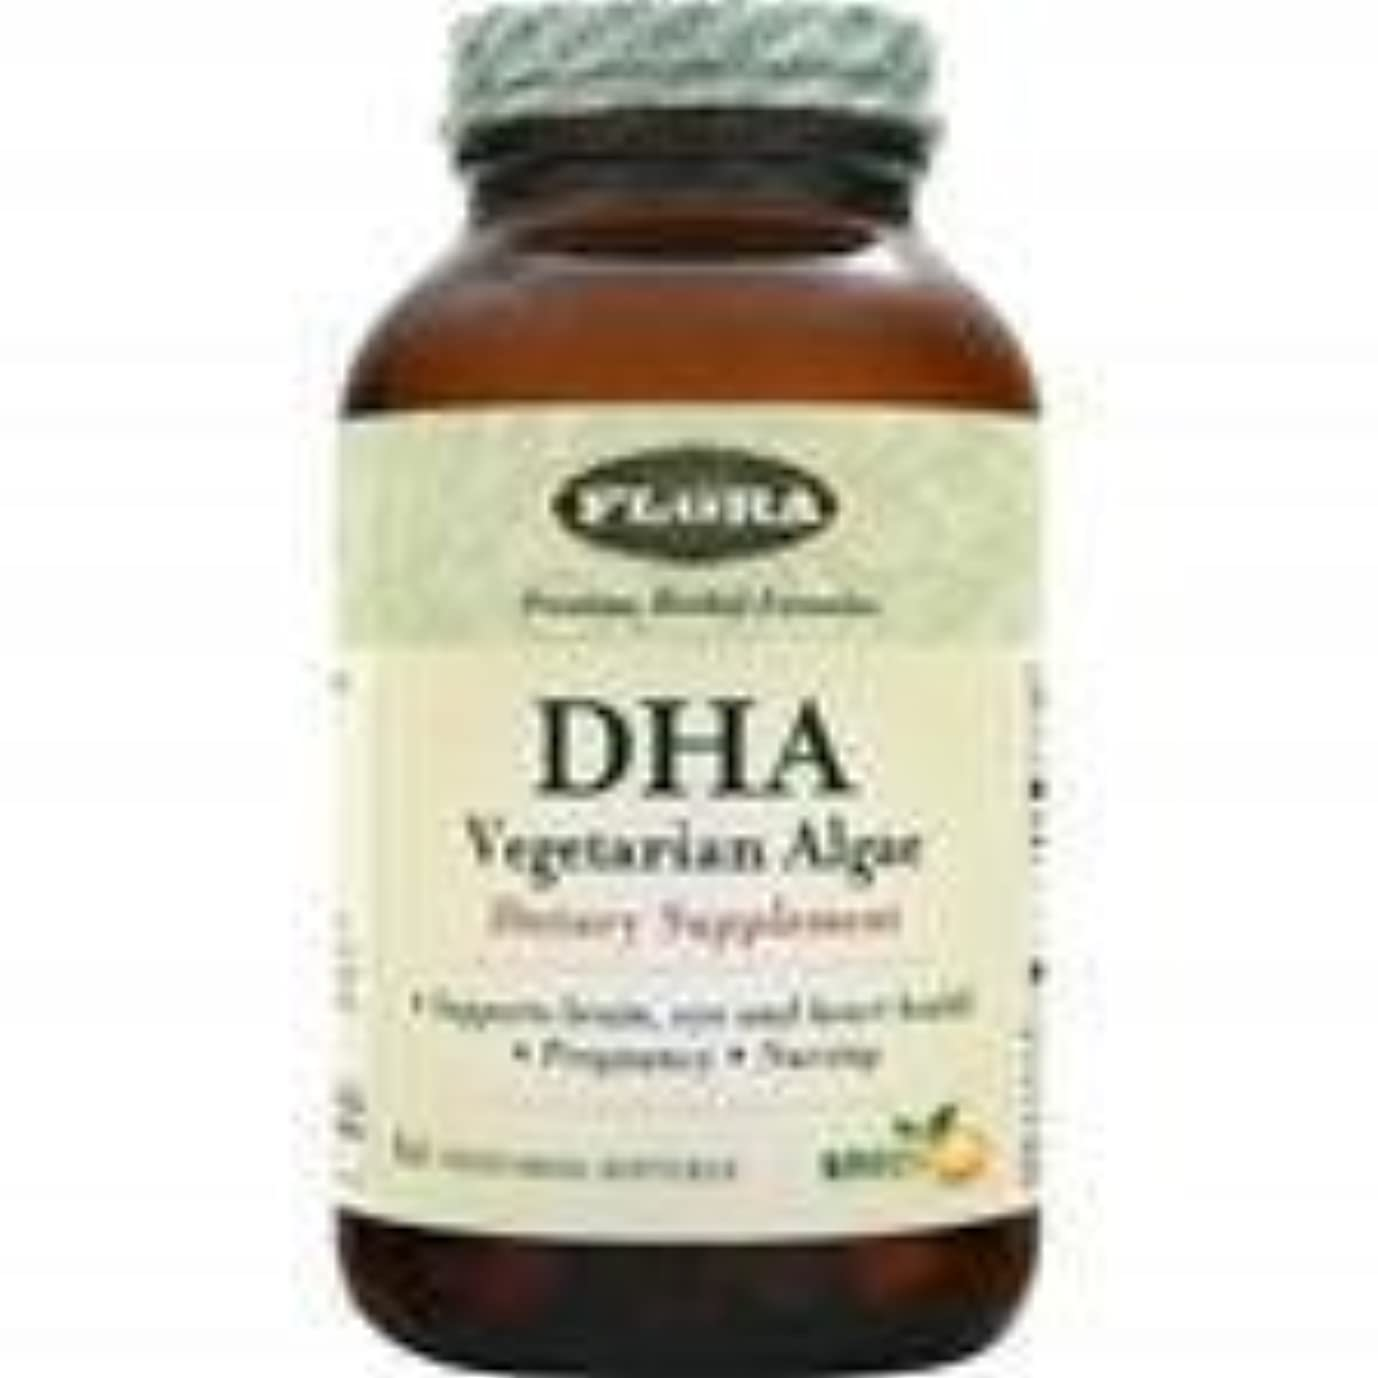 薄める北大きいDHA - ベジタリアン藻類 60 ソフトジェル 2個パック